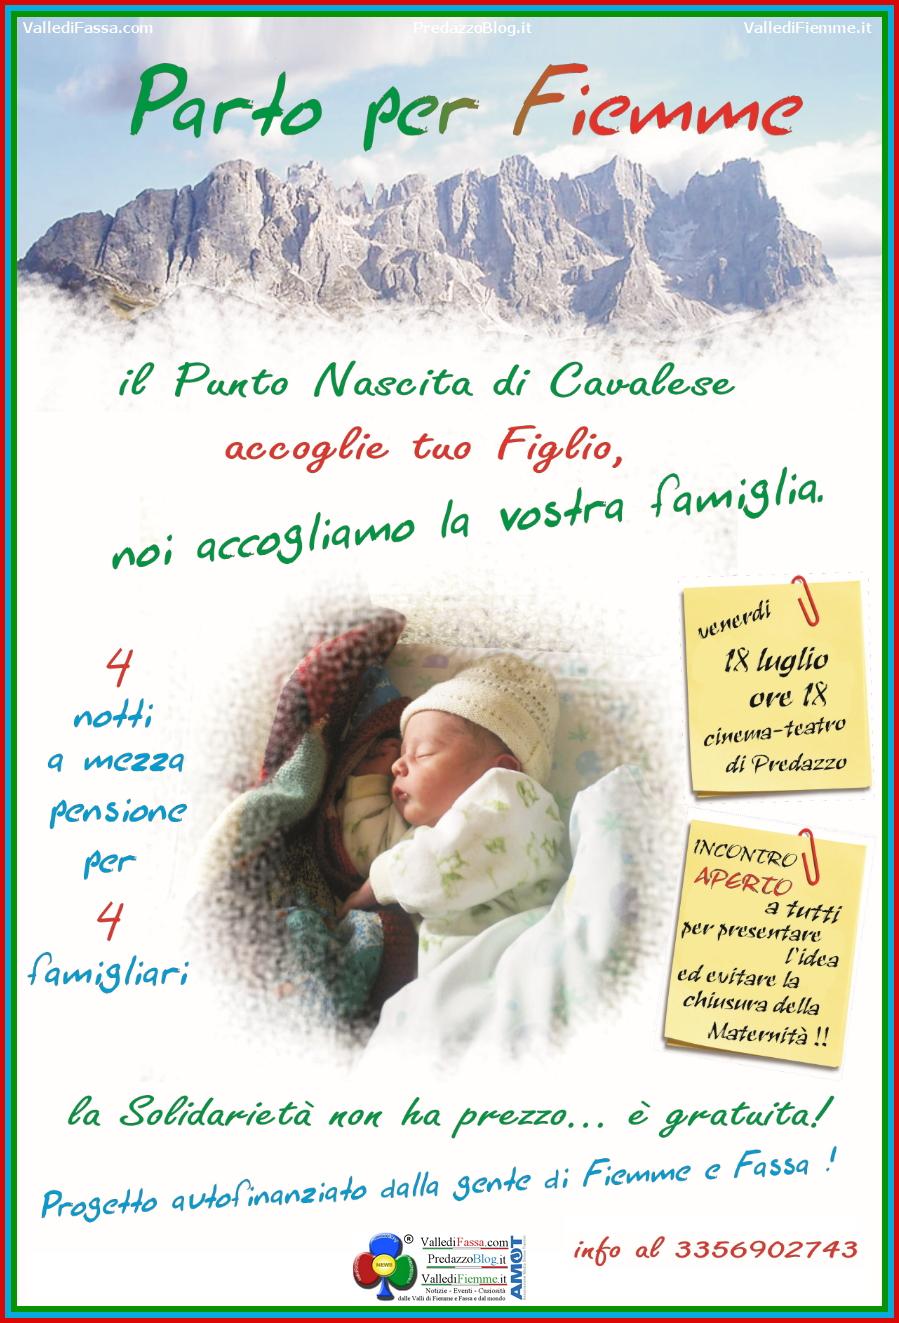 parto per fiemme 2014 Parto per Fiemme un progetto geniale per salvare il Punto Nascite di Cavalese